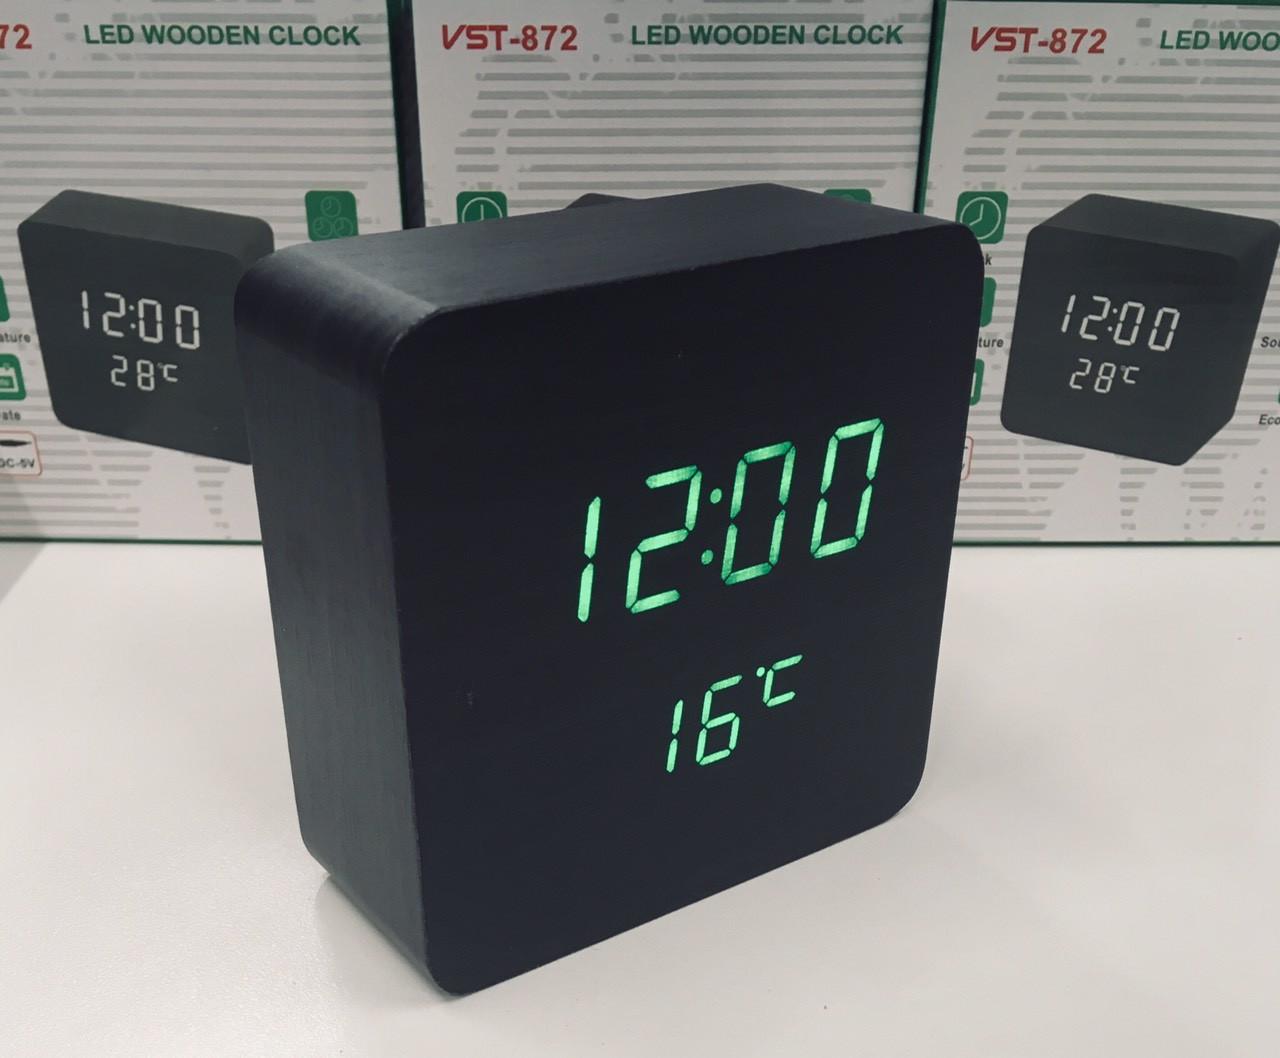 Настольные электронные часы VST-872 с будильником, датой и термометром, в форме деревянного бруска